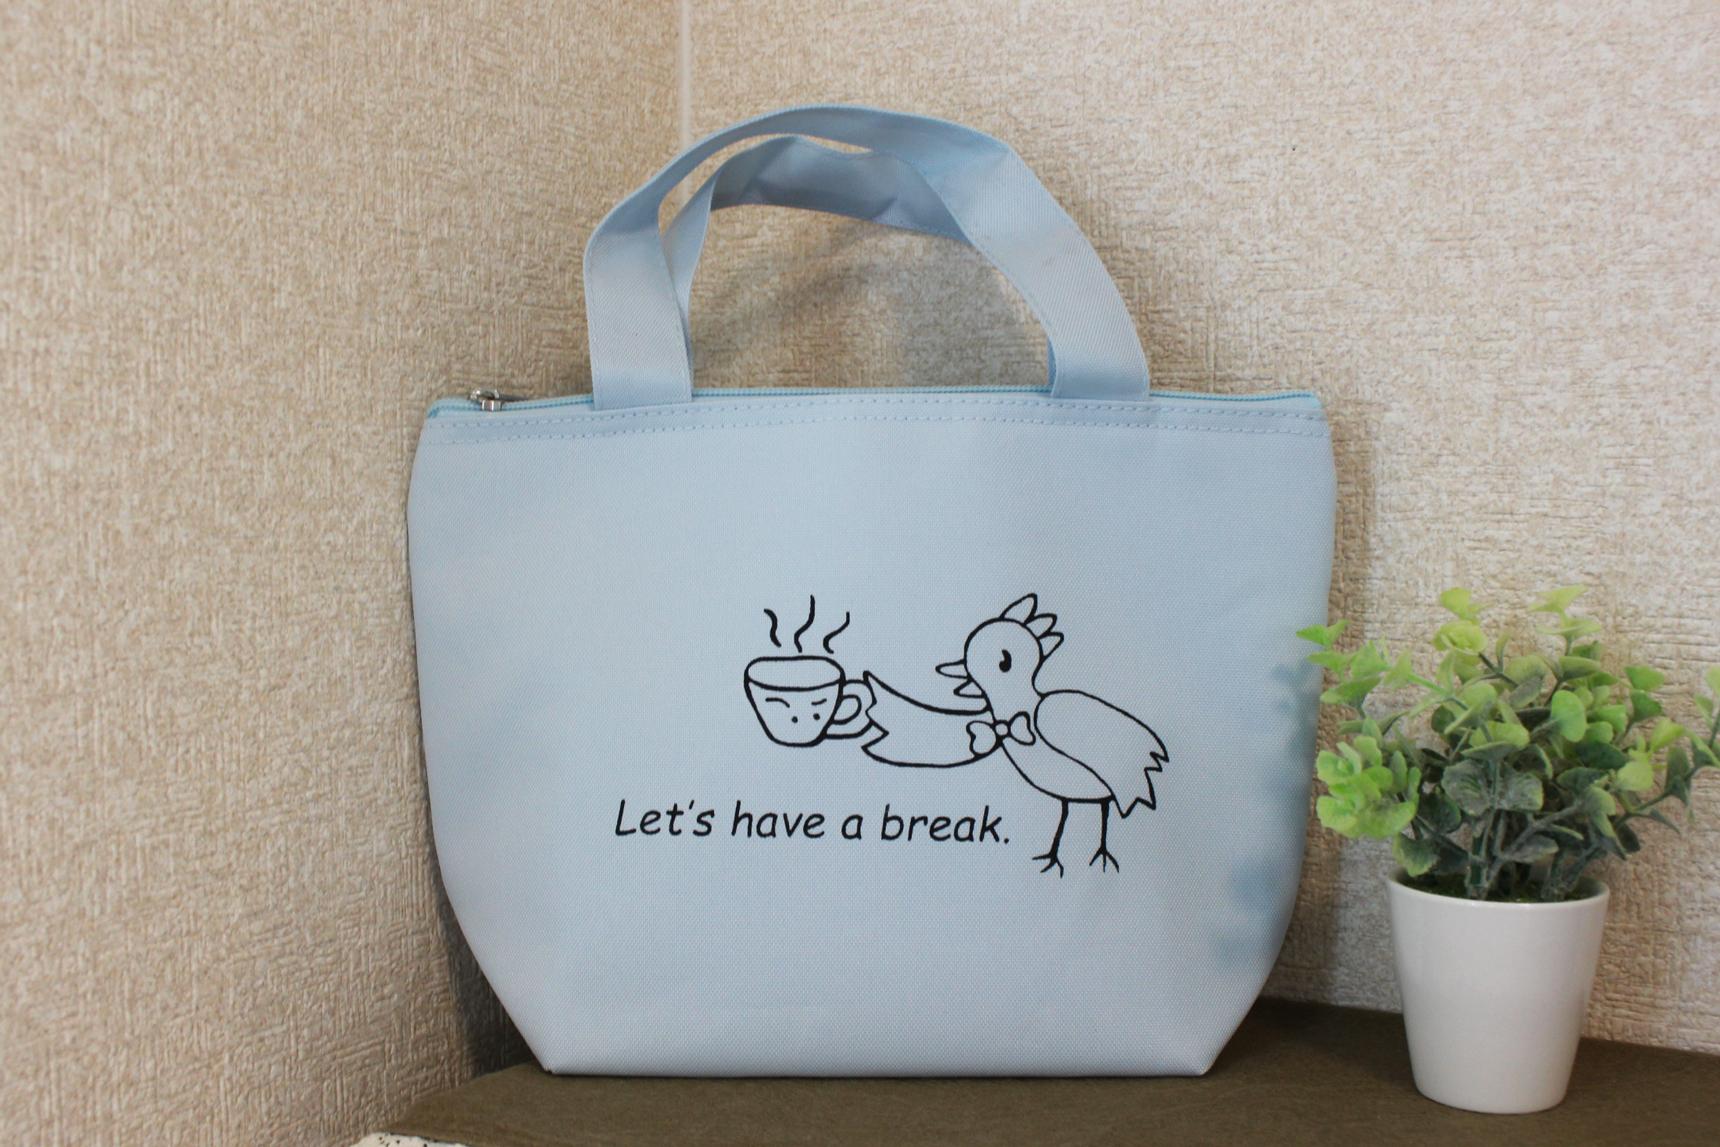 【暑い夏応援セール】熱中症に気をつけてキャンペーン中!保冷ランチバッグがお買い得♪9月末まで延長!